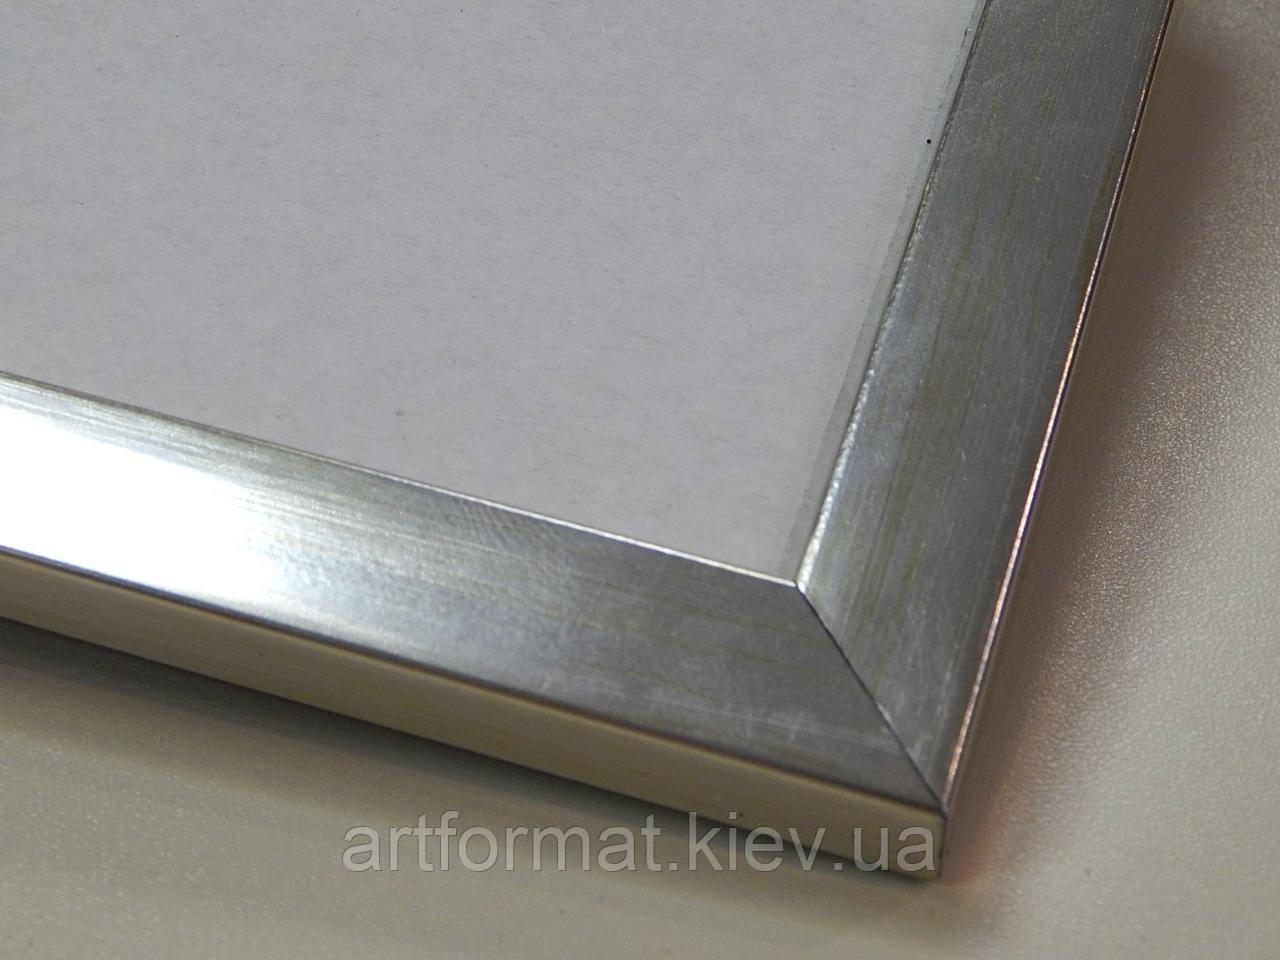 Рамка 10х15.16 мм.Серебро металик.